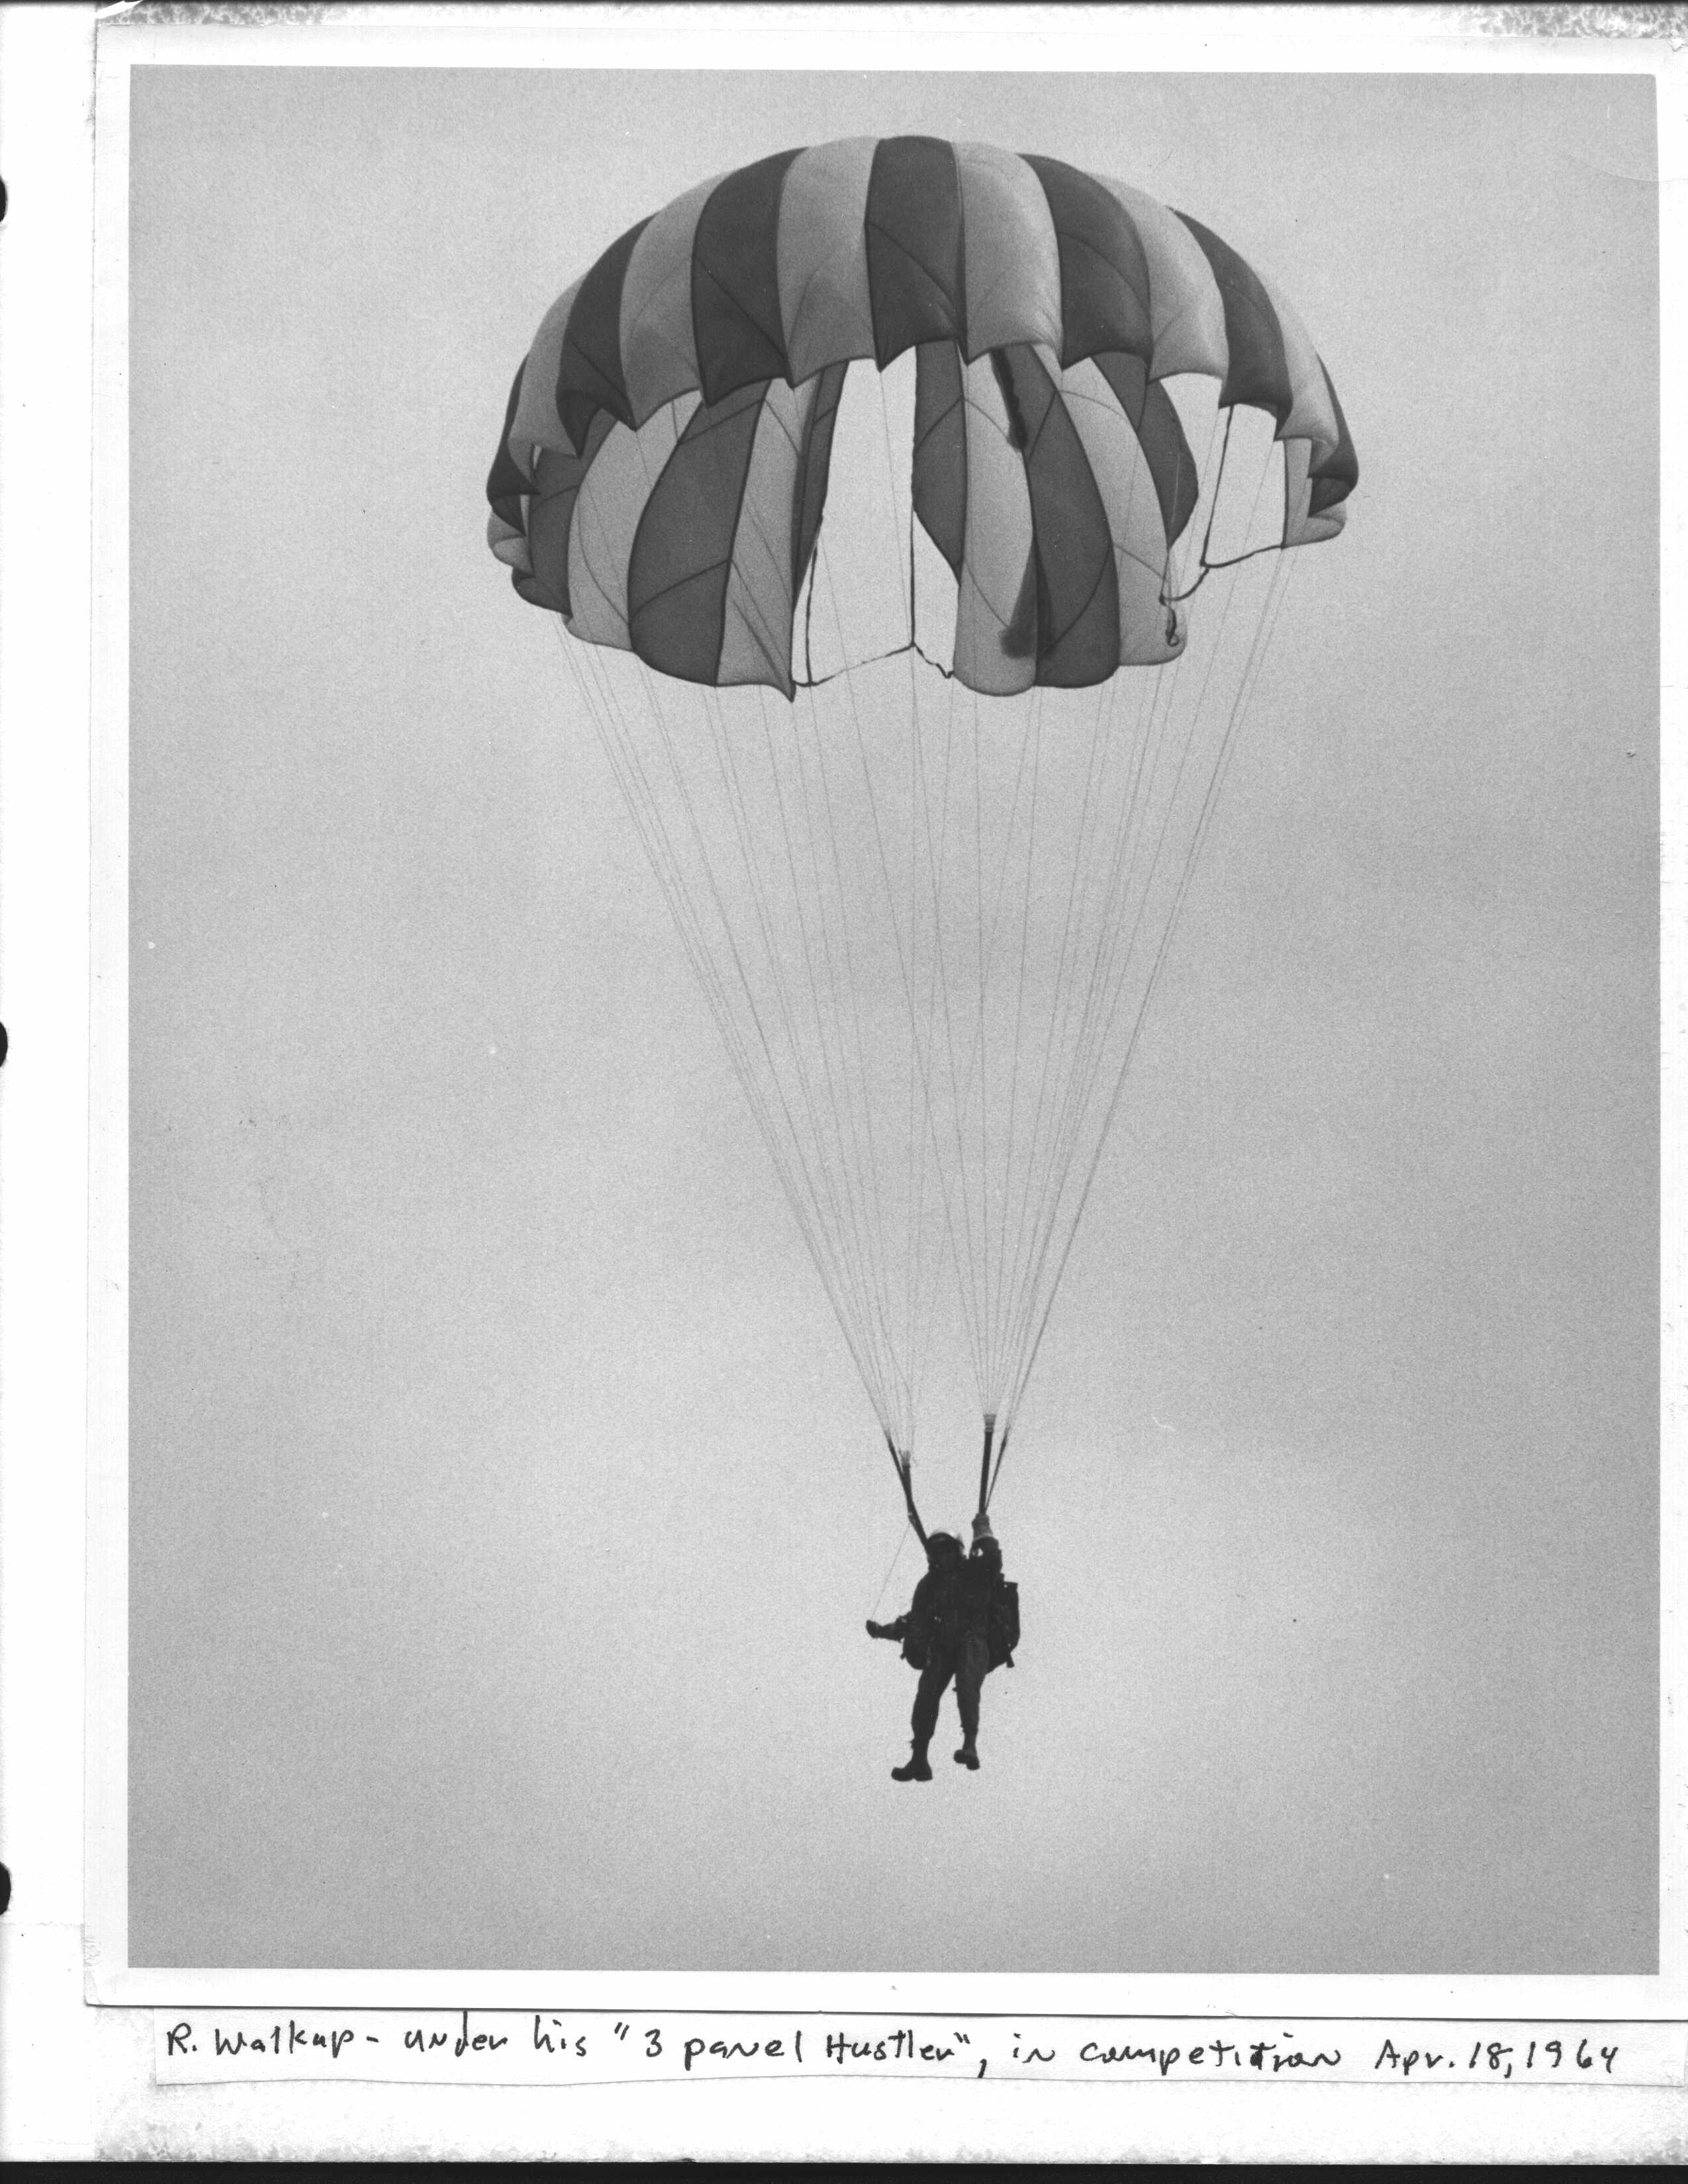 hustler-canopy-1964-bw.jpg